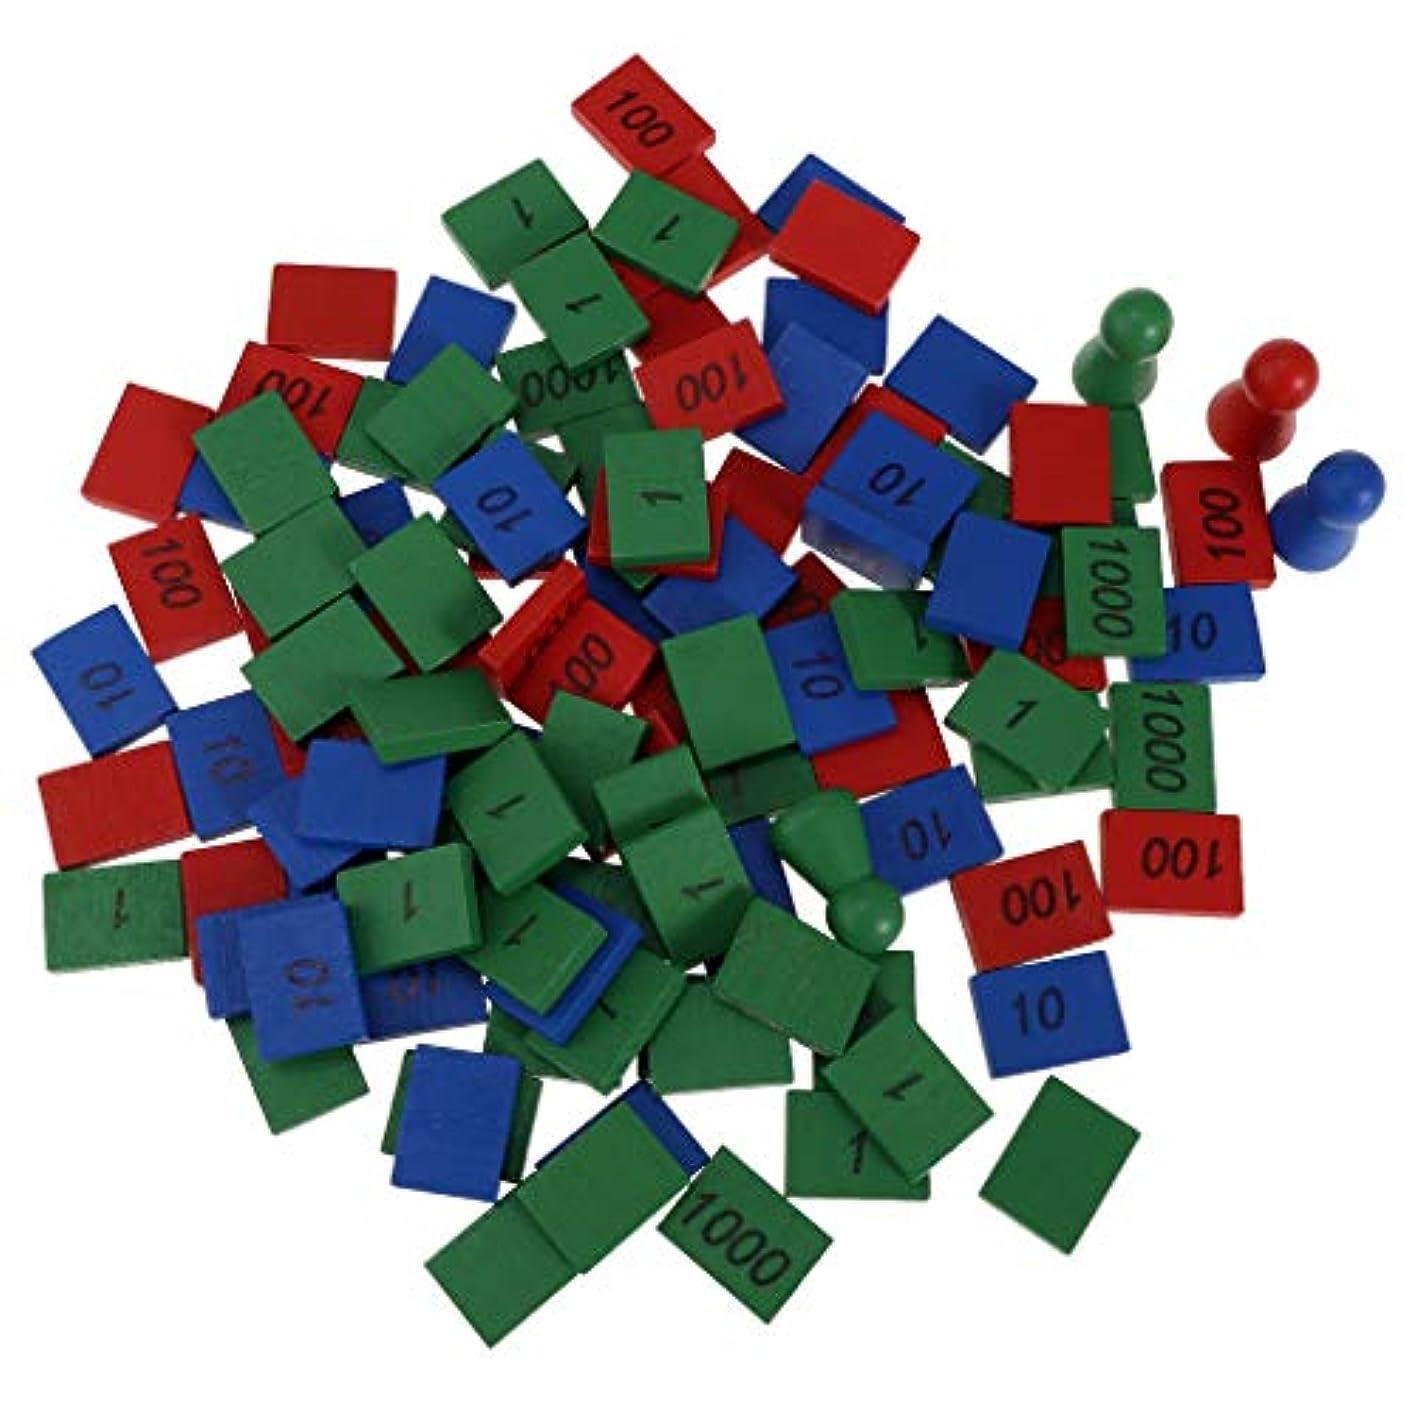 合併症ほのめかす虚弱おもちゃ カラフルな 数学 子供たち 教育用 木製ラウンドヘッドコーン